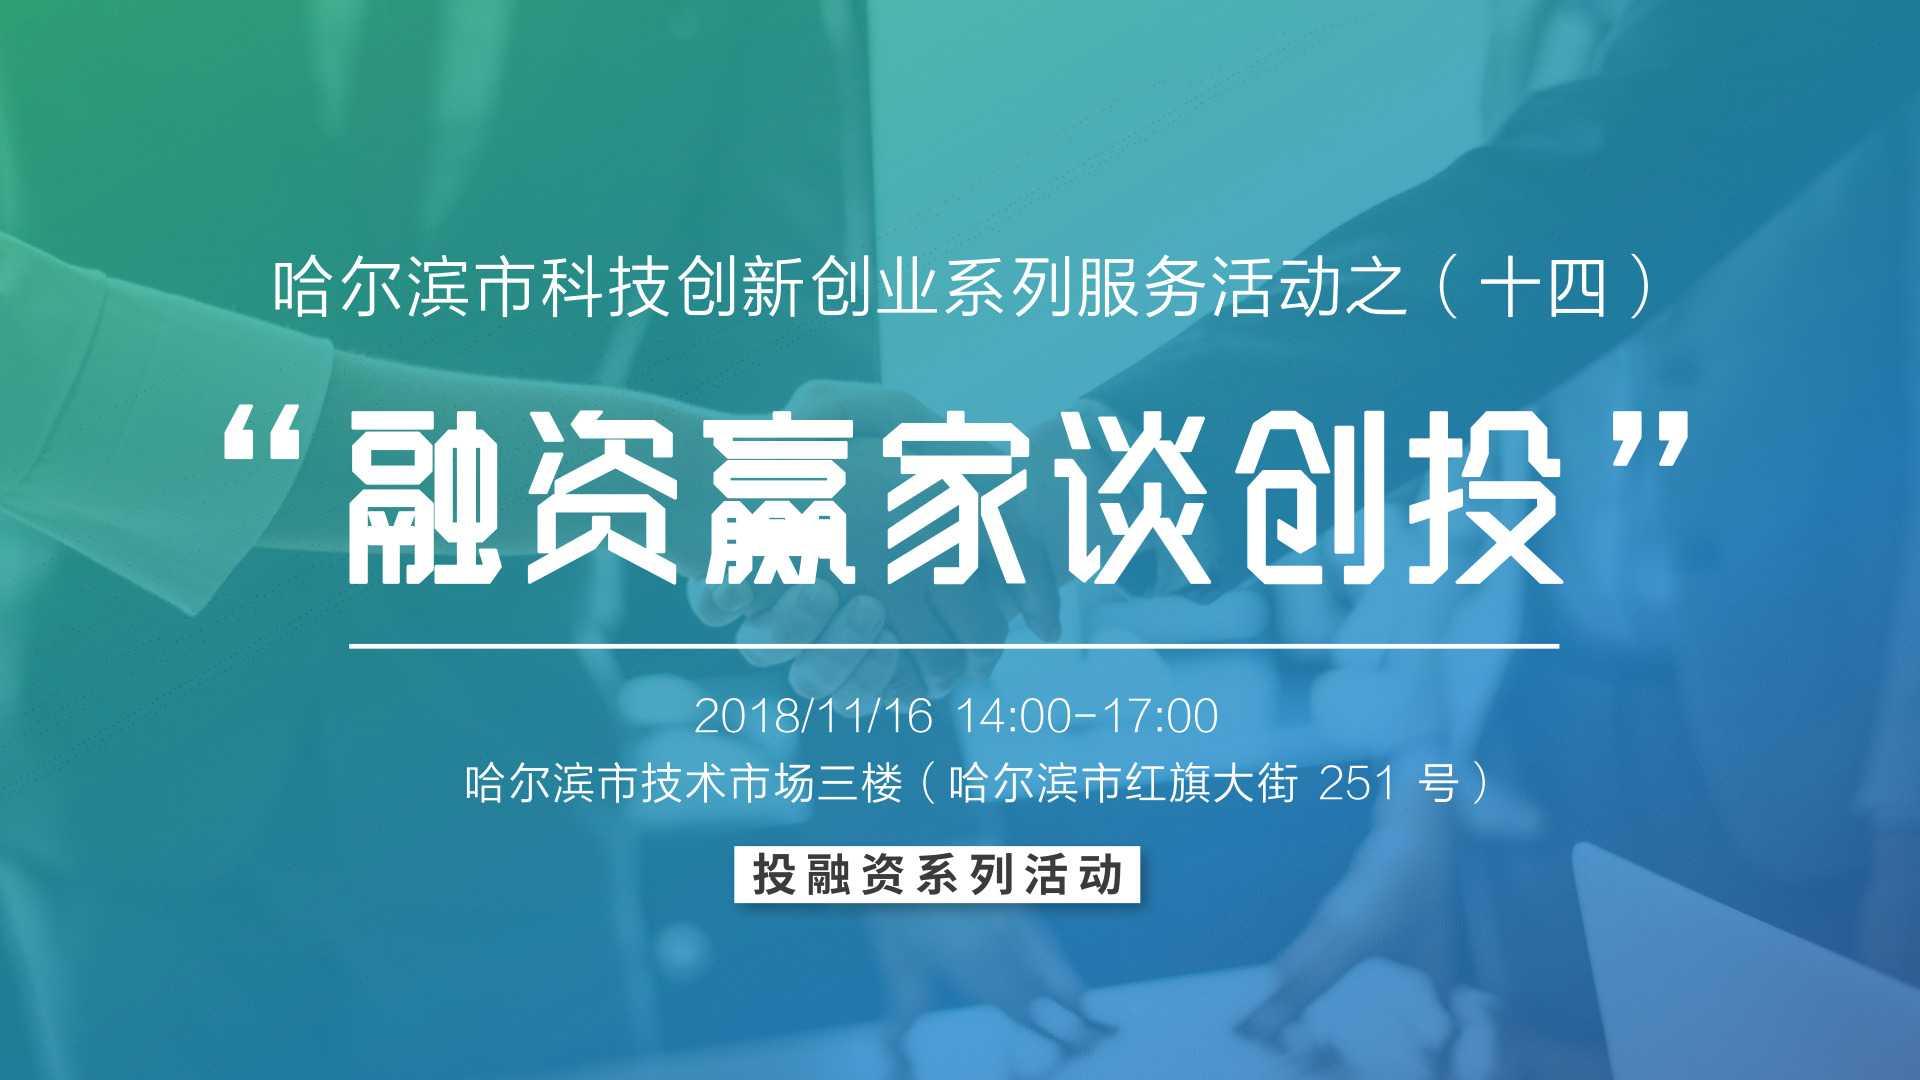 【视频回顾】融资赢家谈创投—哈尔滨市科技创新创业系列服务活动之(十四)